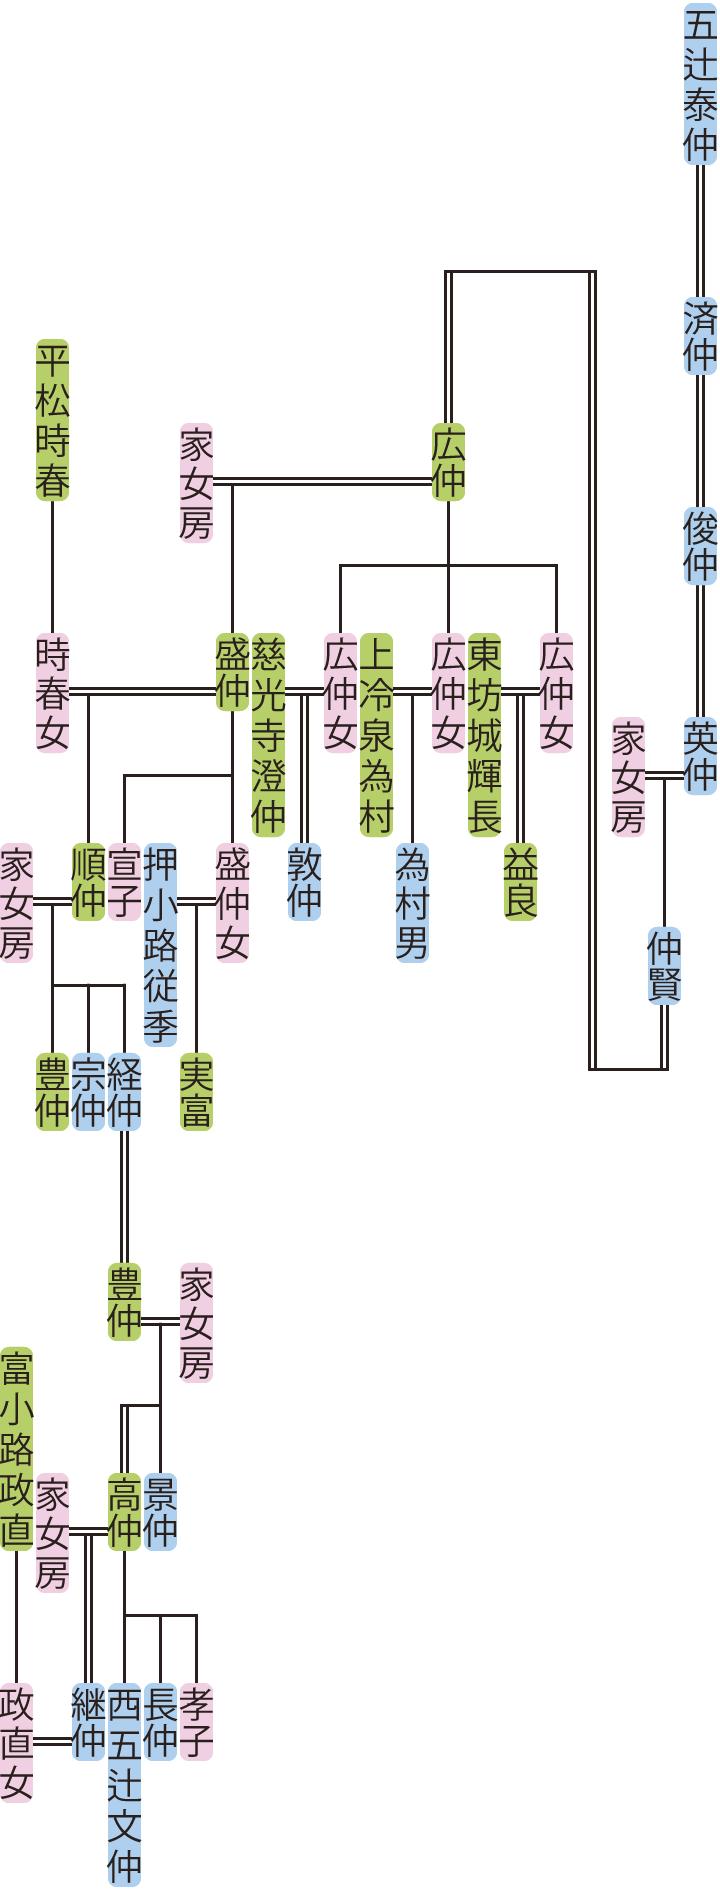 五辻俊仲~継仲の系図